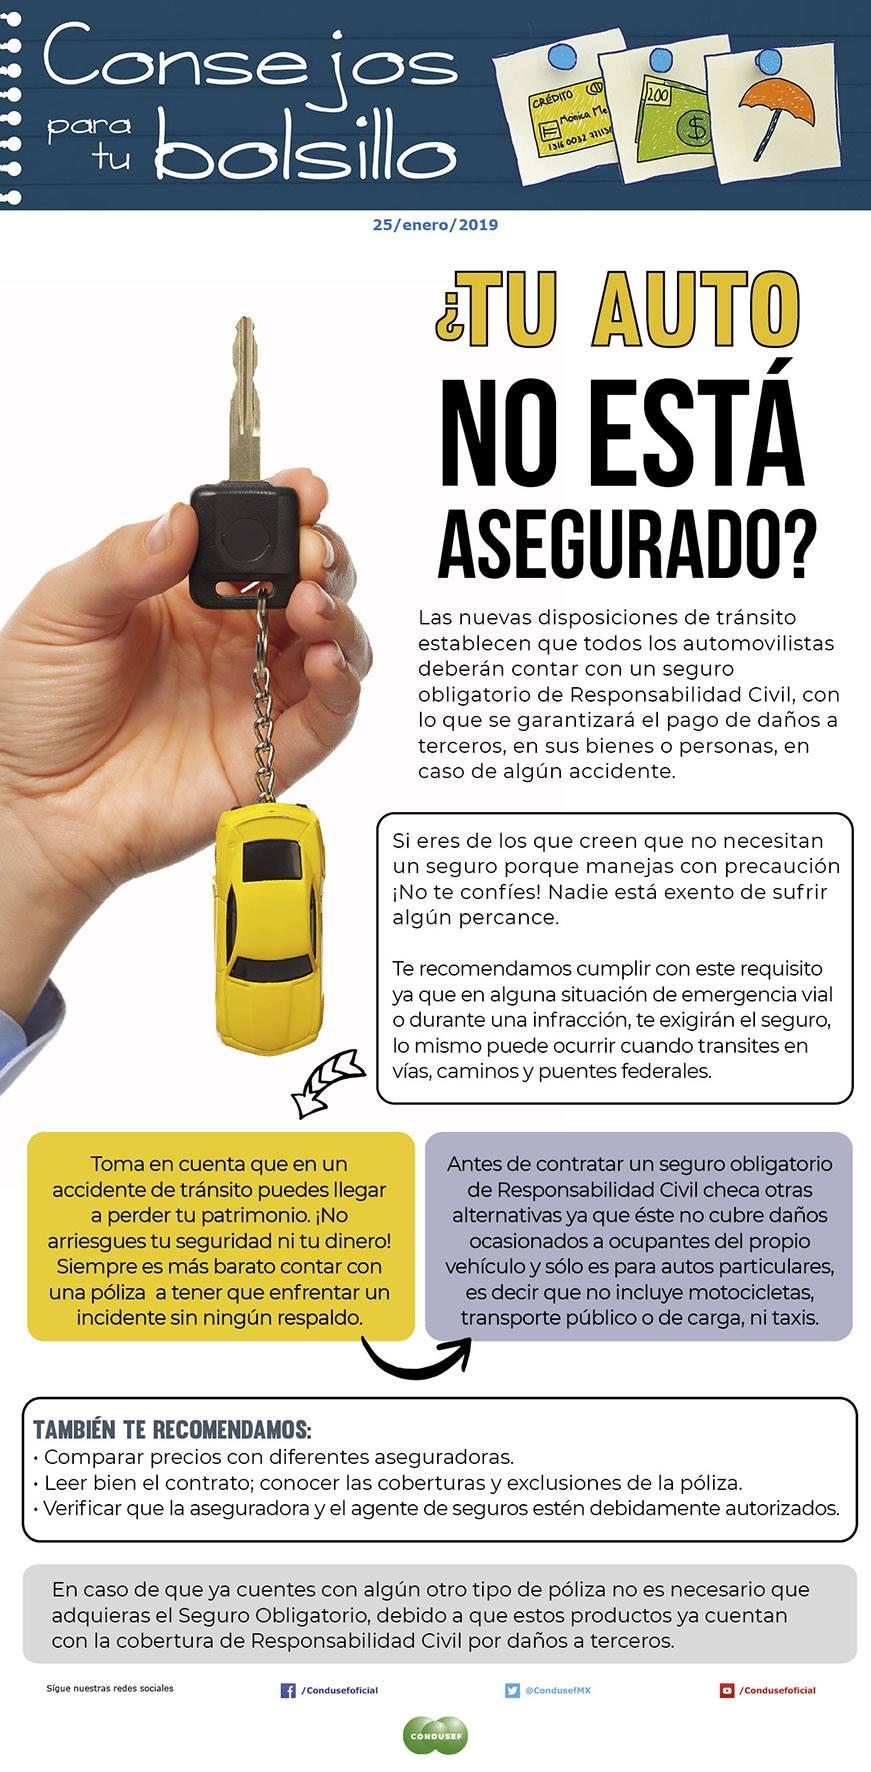 ¿Tu auto no está asegurado?